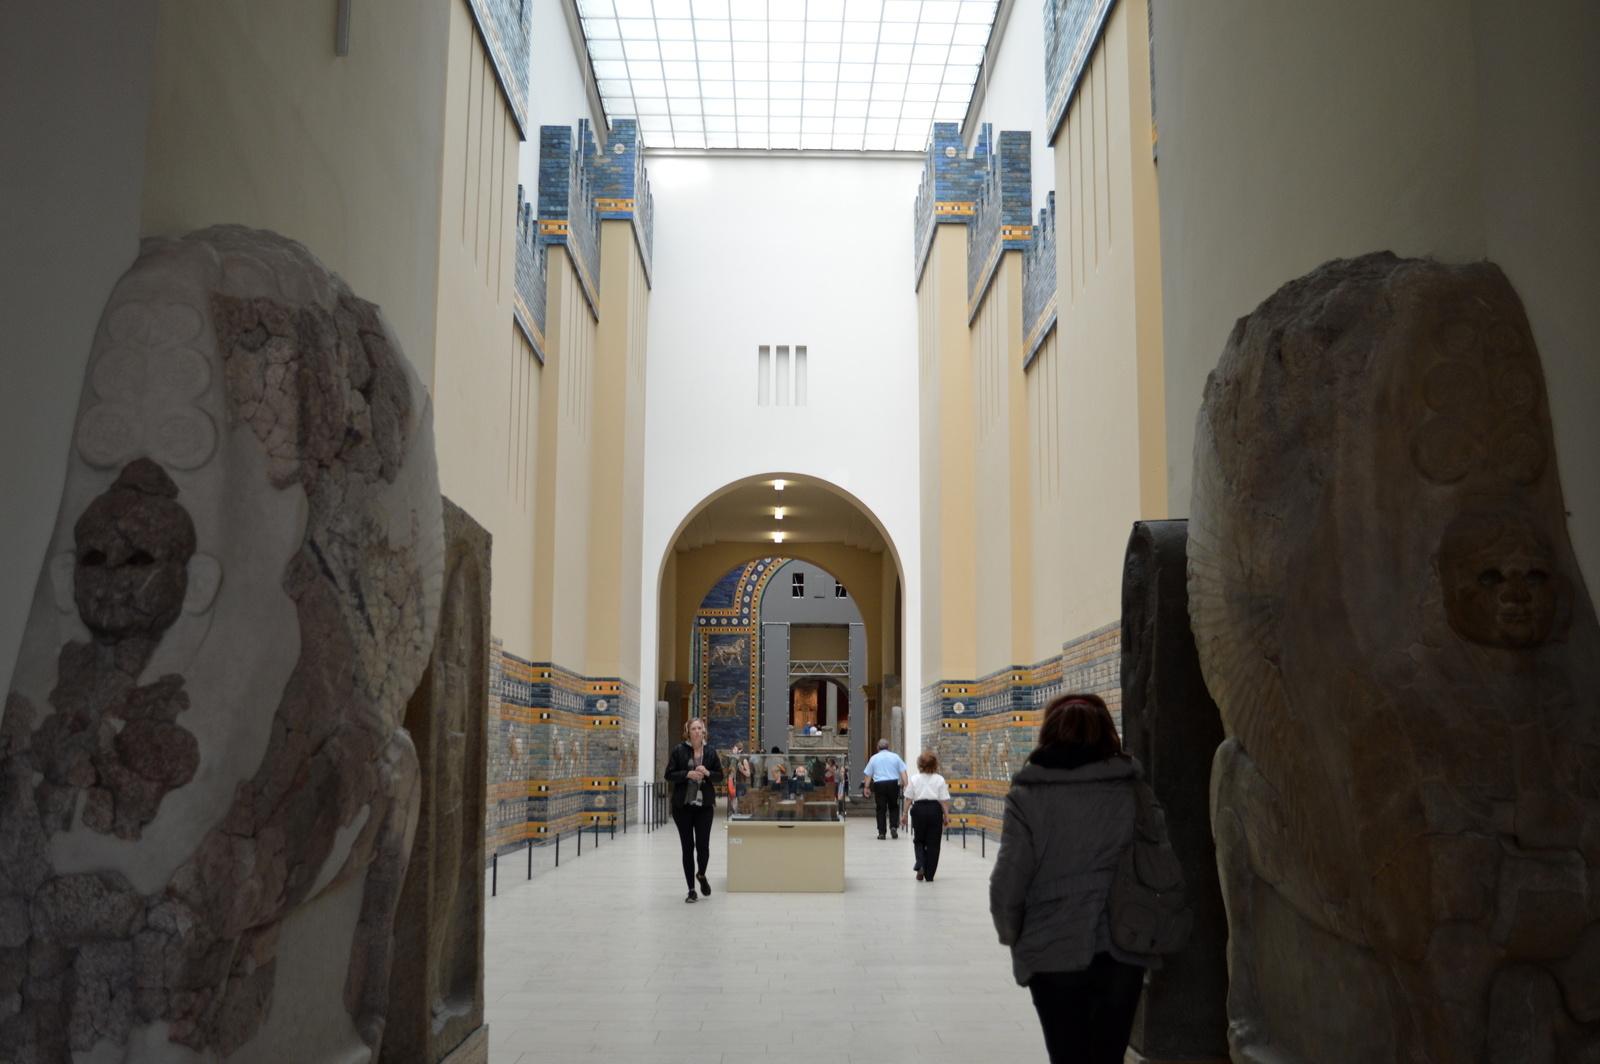 Visite guidée de la tour de Babbel à Berlin, temple des langues